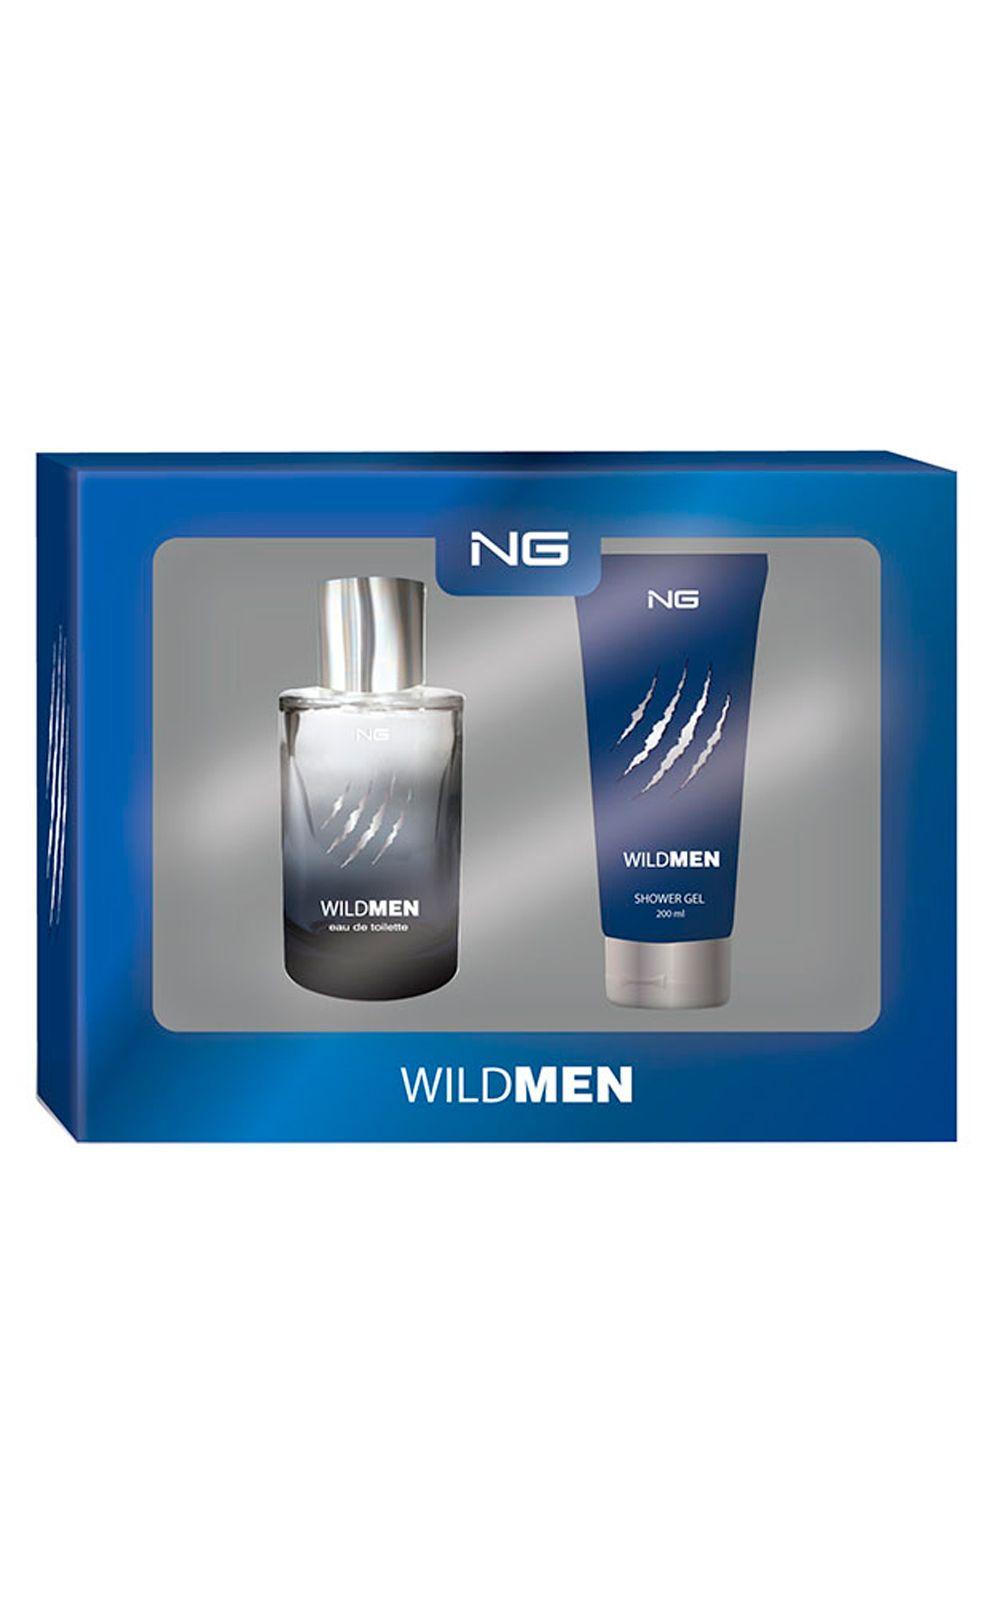 Foto 1 - NG Parfums Wild Men Kit - Eau de Toilette + Gel de Banho - Kit